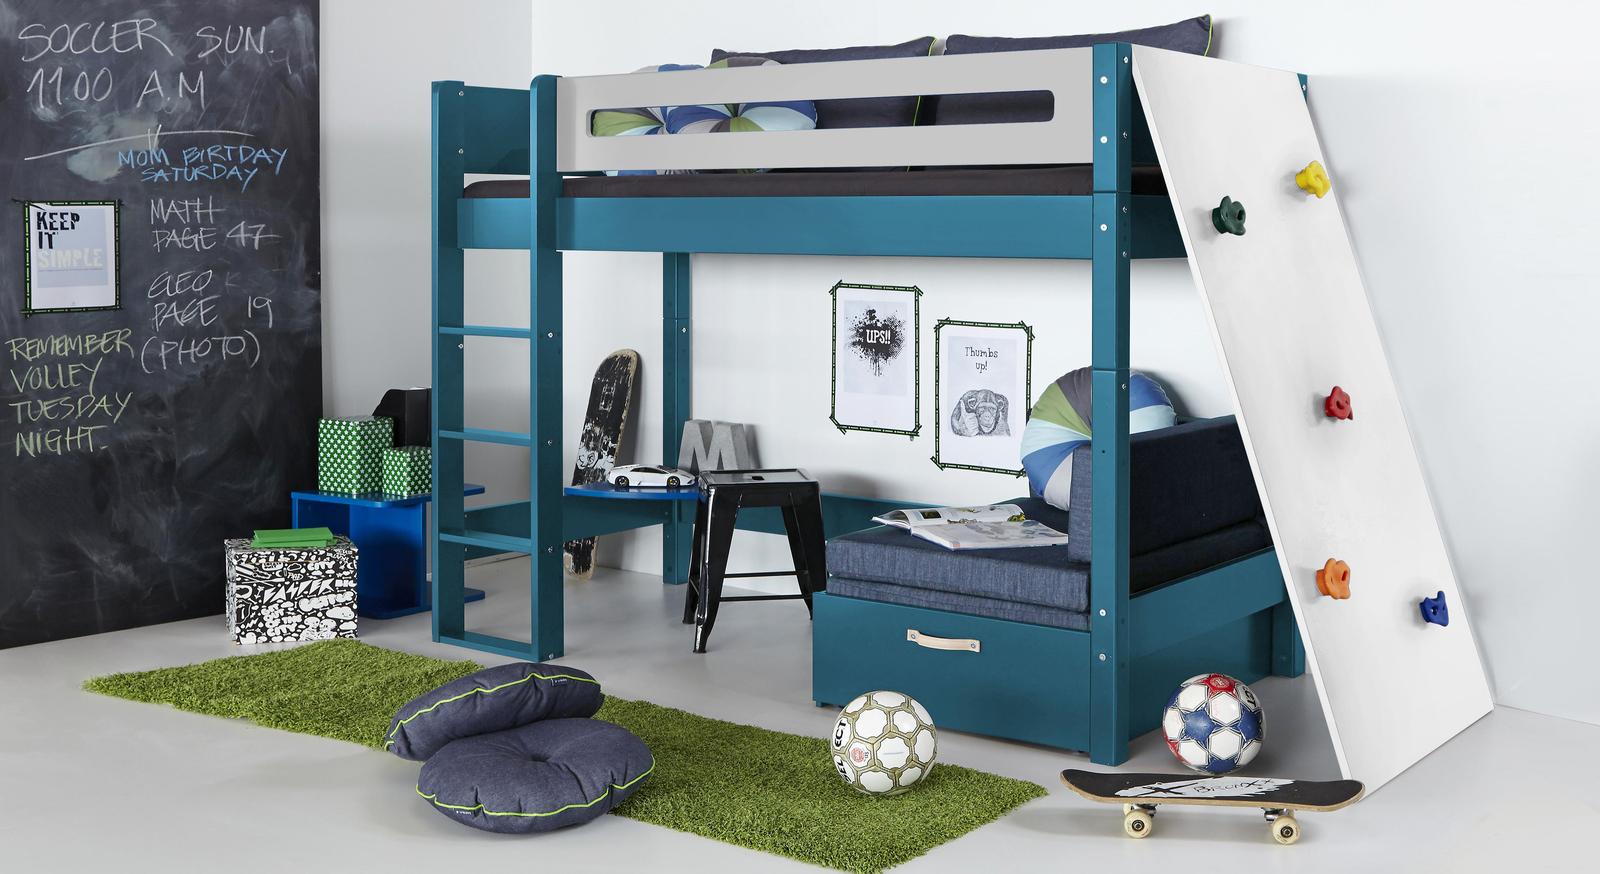 Passende Produkte zum Midi-Hochbett Kids Town Color mit Kletterwand